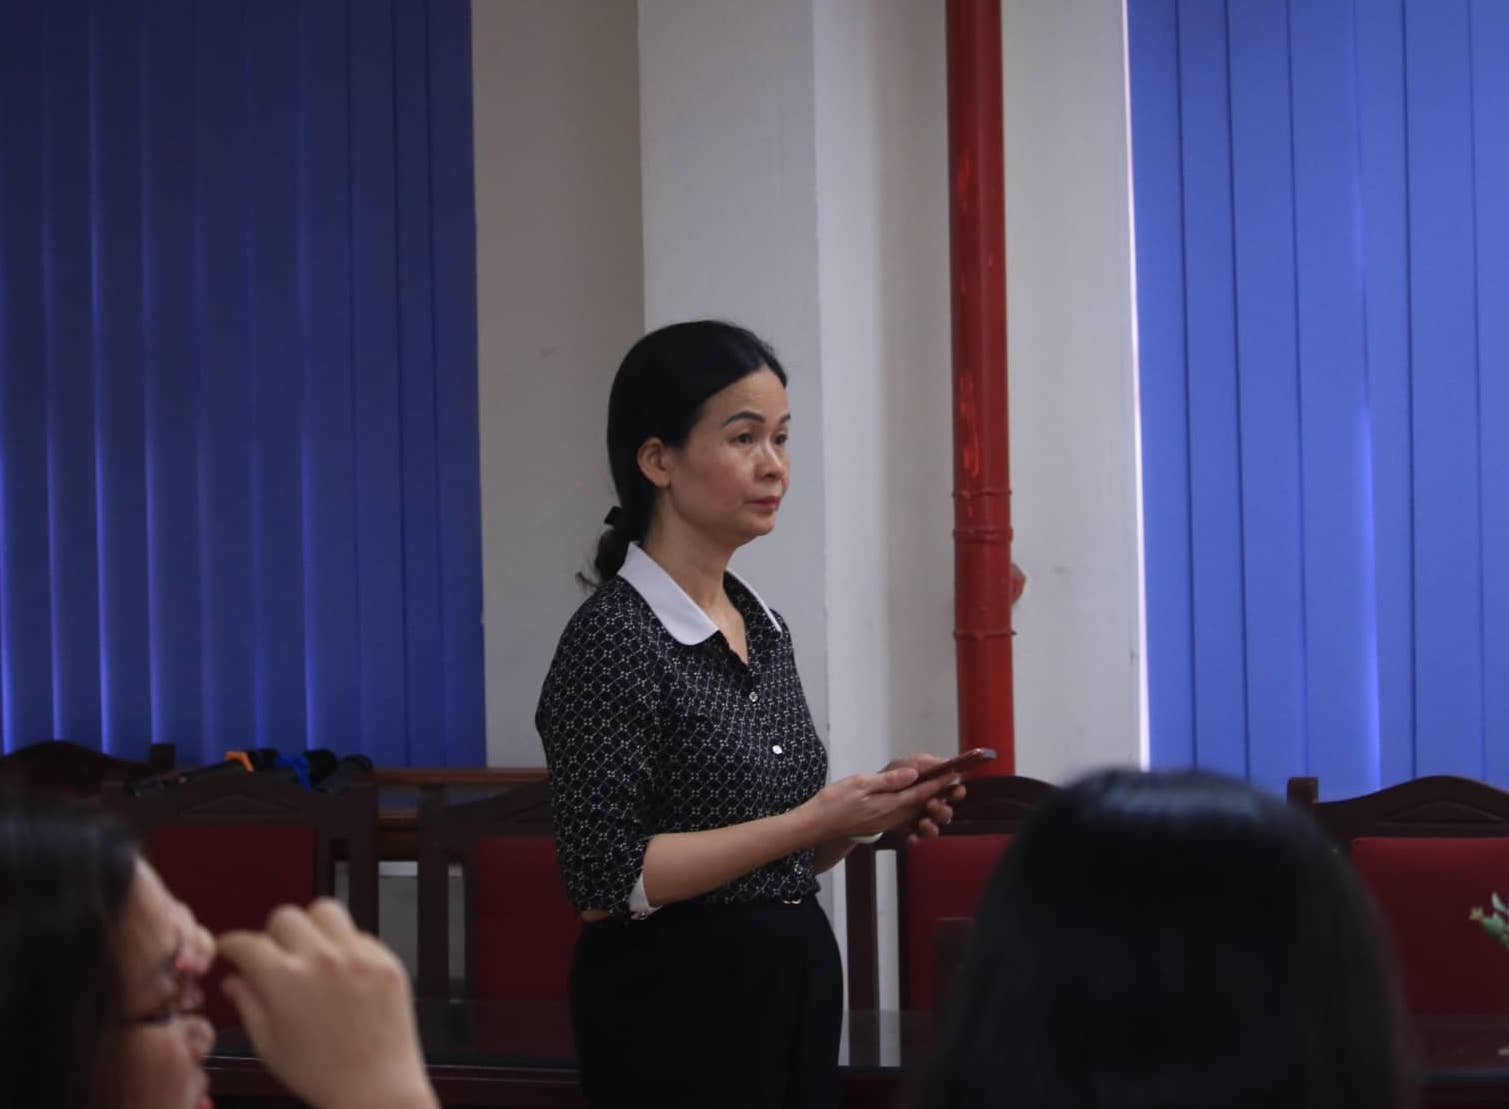 Vụ thầy giáo bị tố dâm ô 7 nam sinh ở Hà Nội: Nữ Hiệu trưởng trường THCS Trần Phú nói gì? - Ảnh 1